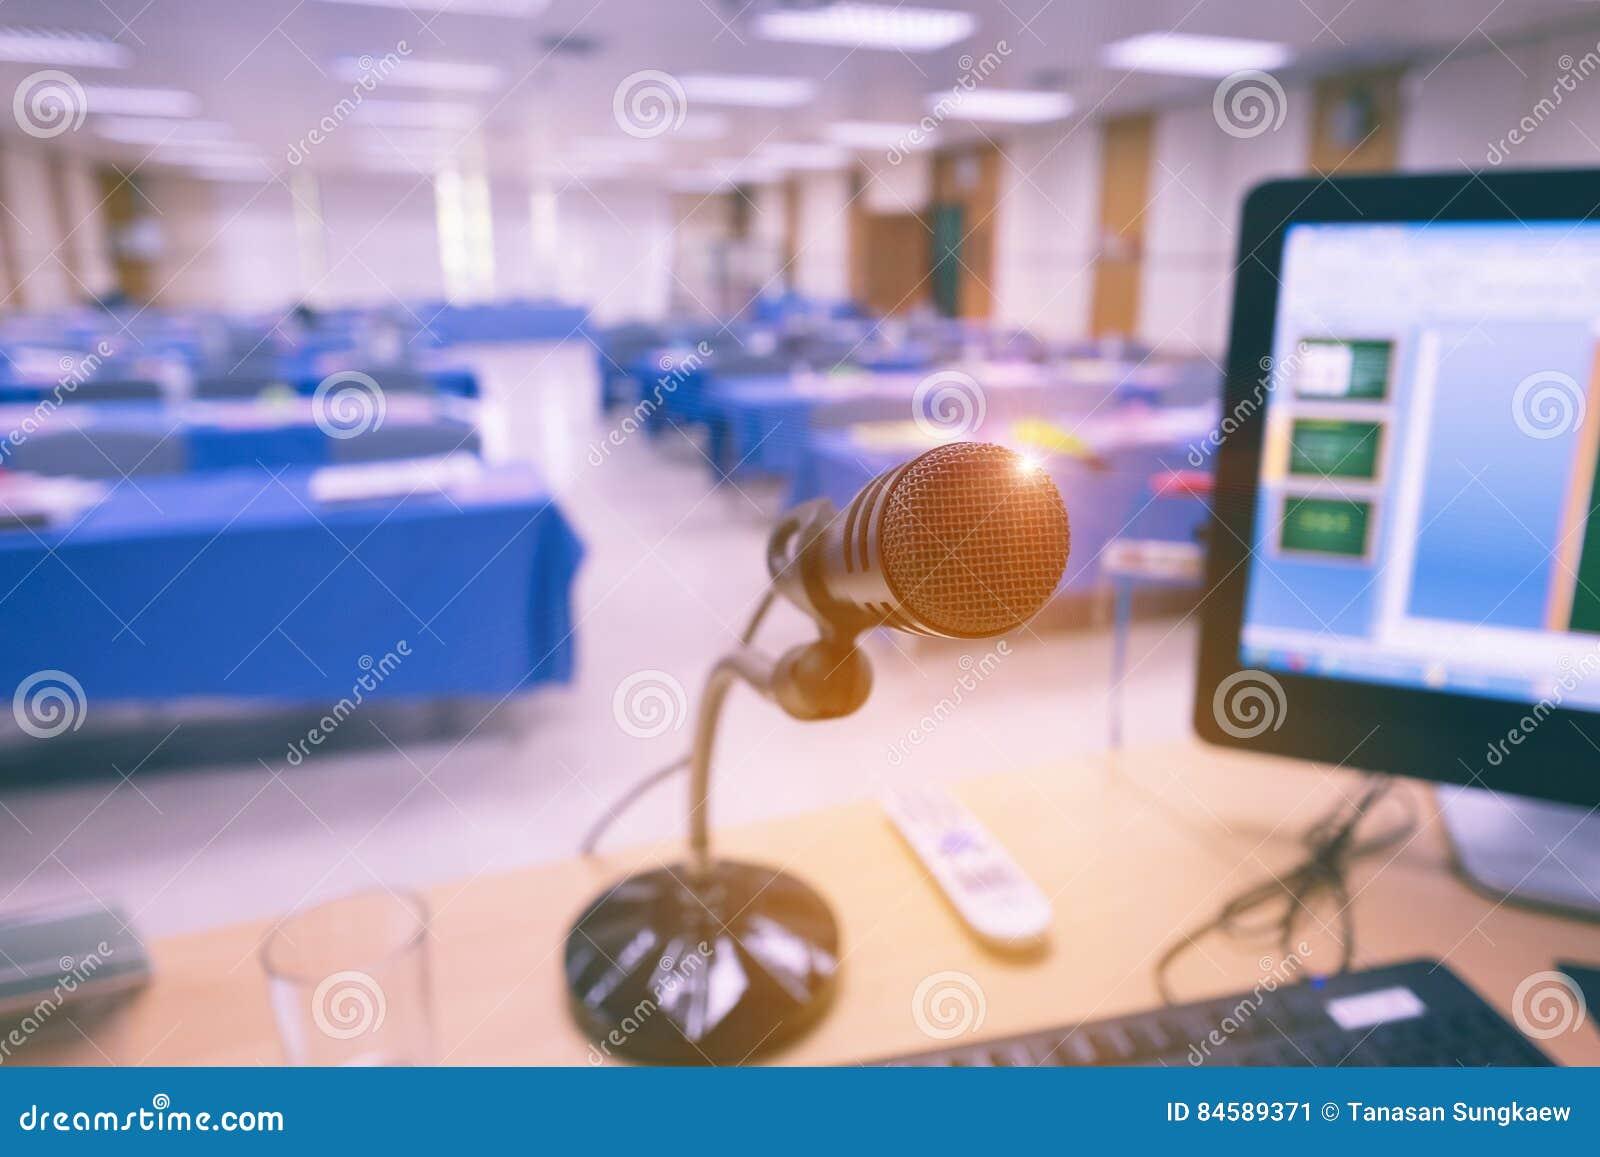 Microfoon op de lijst met computer in seminarieruimte